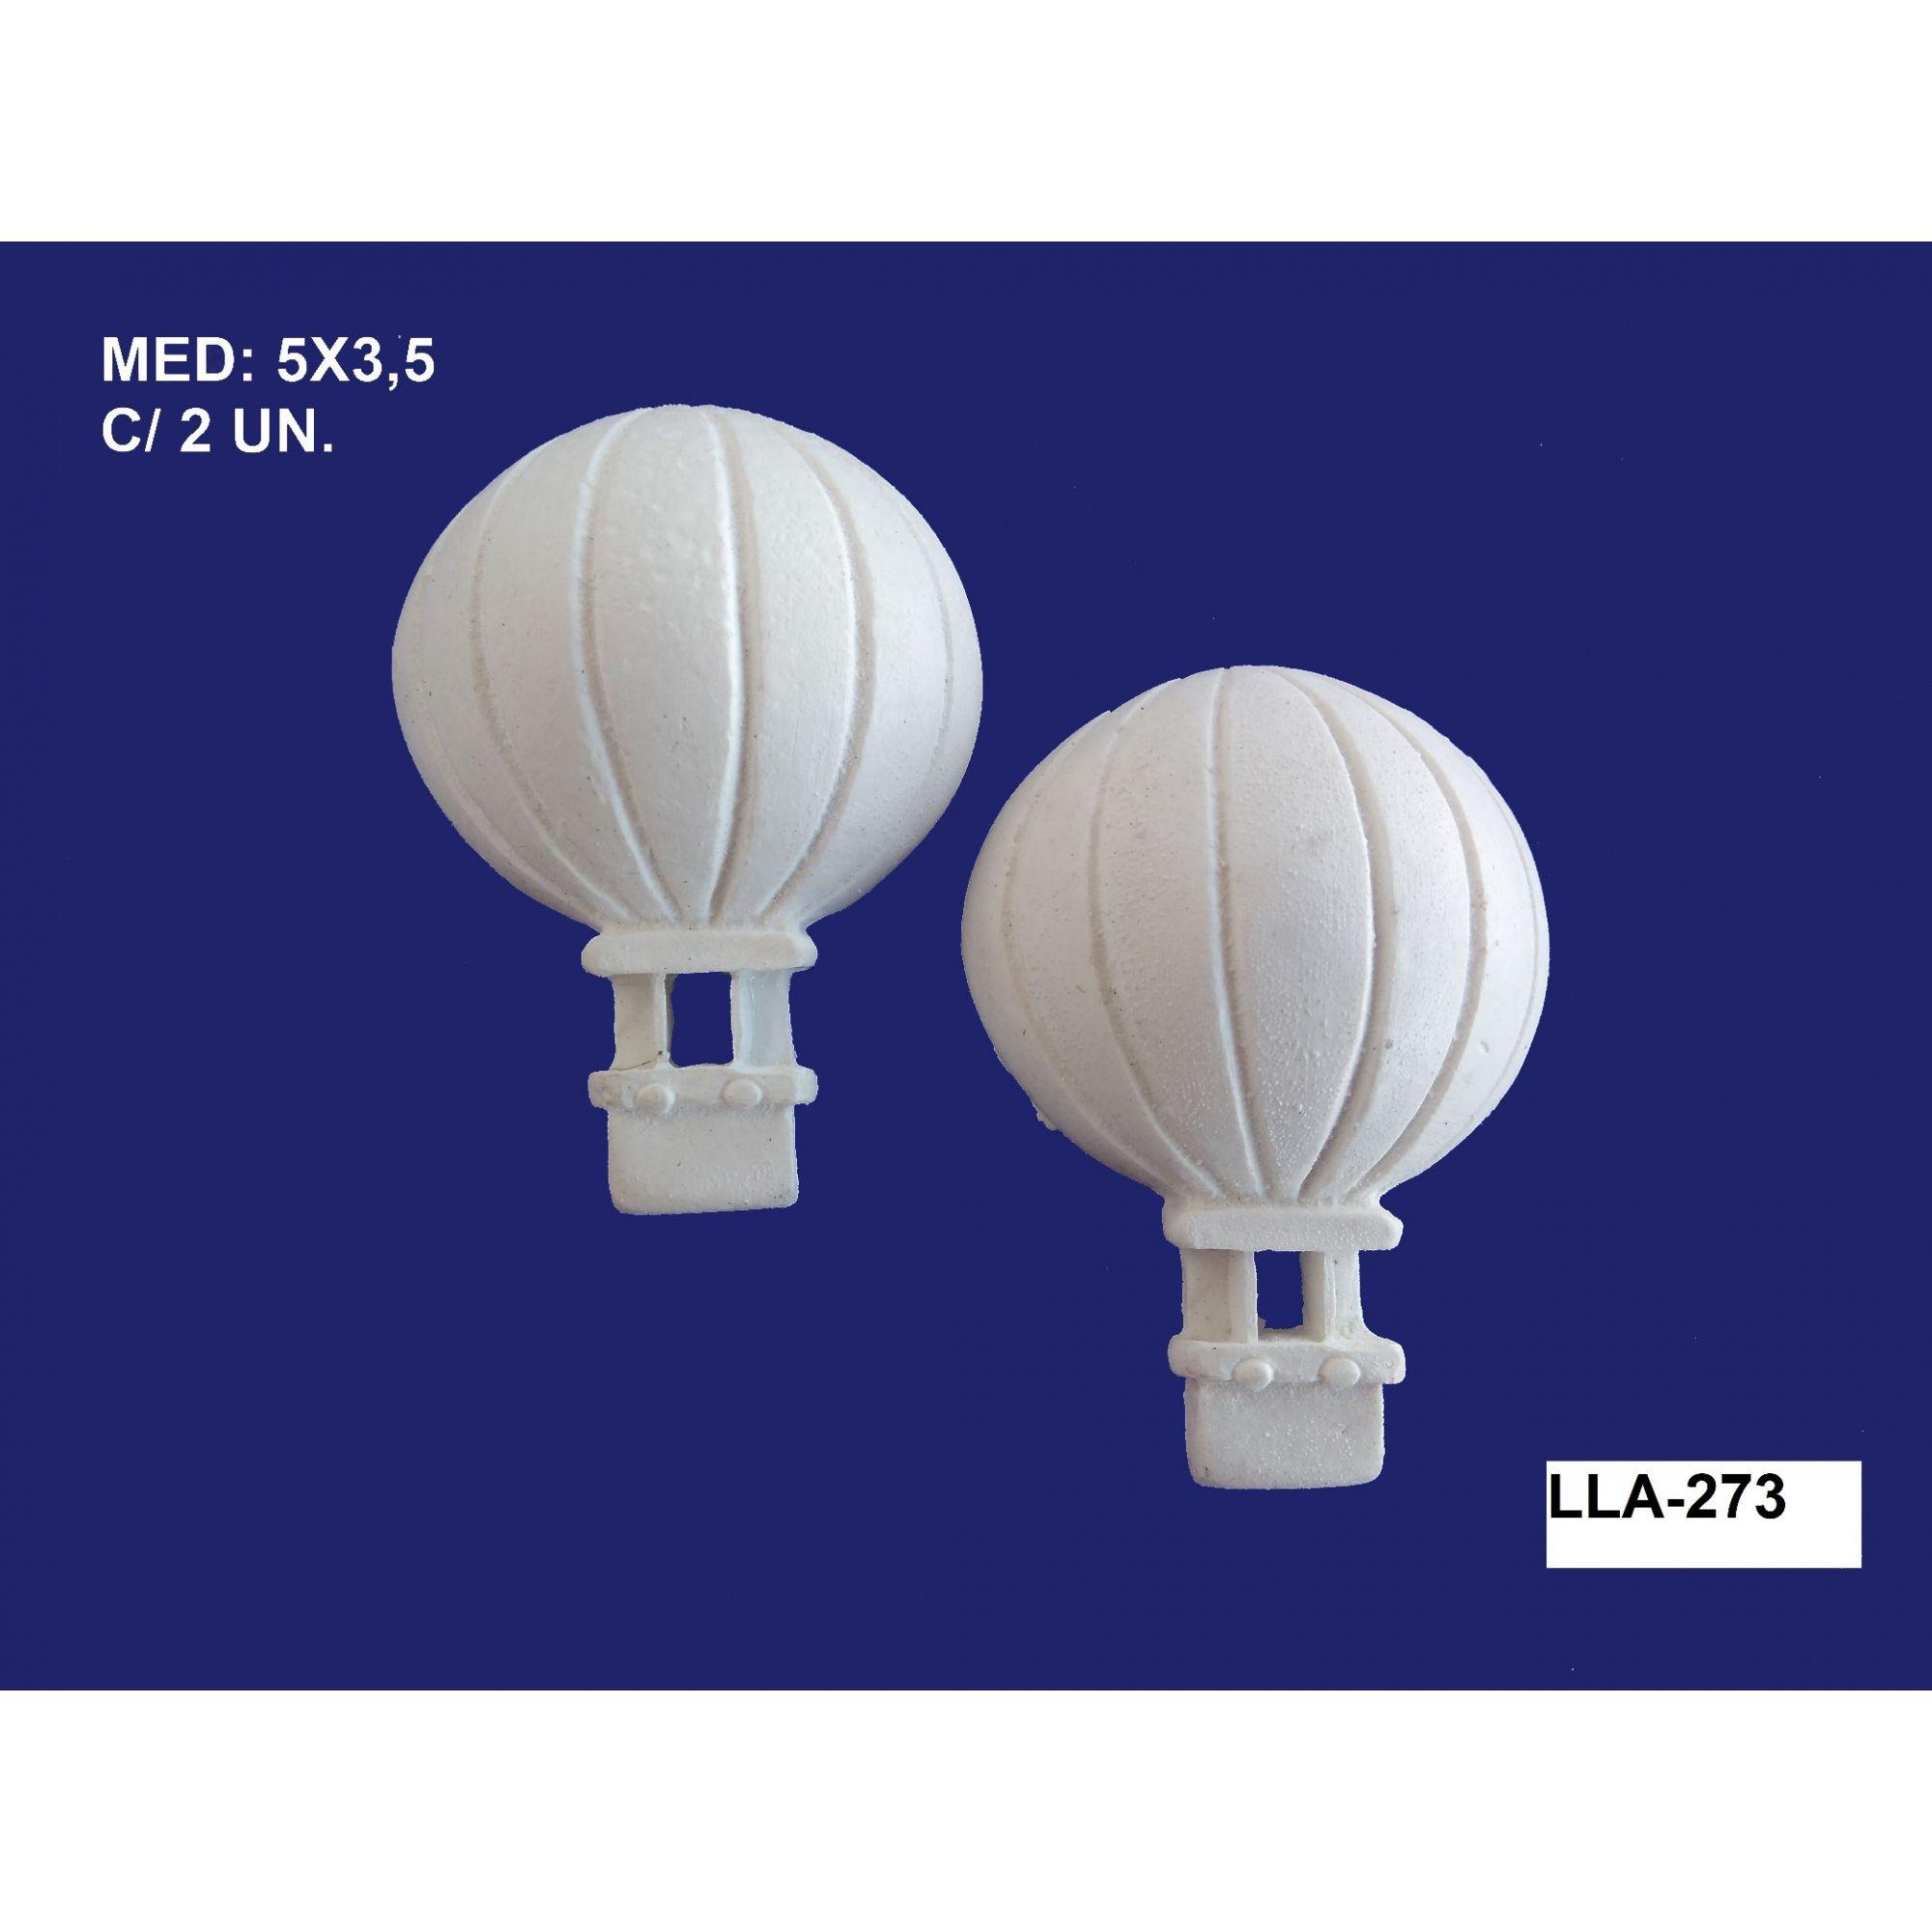 LLA-273 APLIQUE BALÃO 05X3,5CM C/ 2 UND.